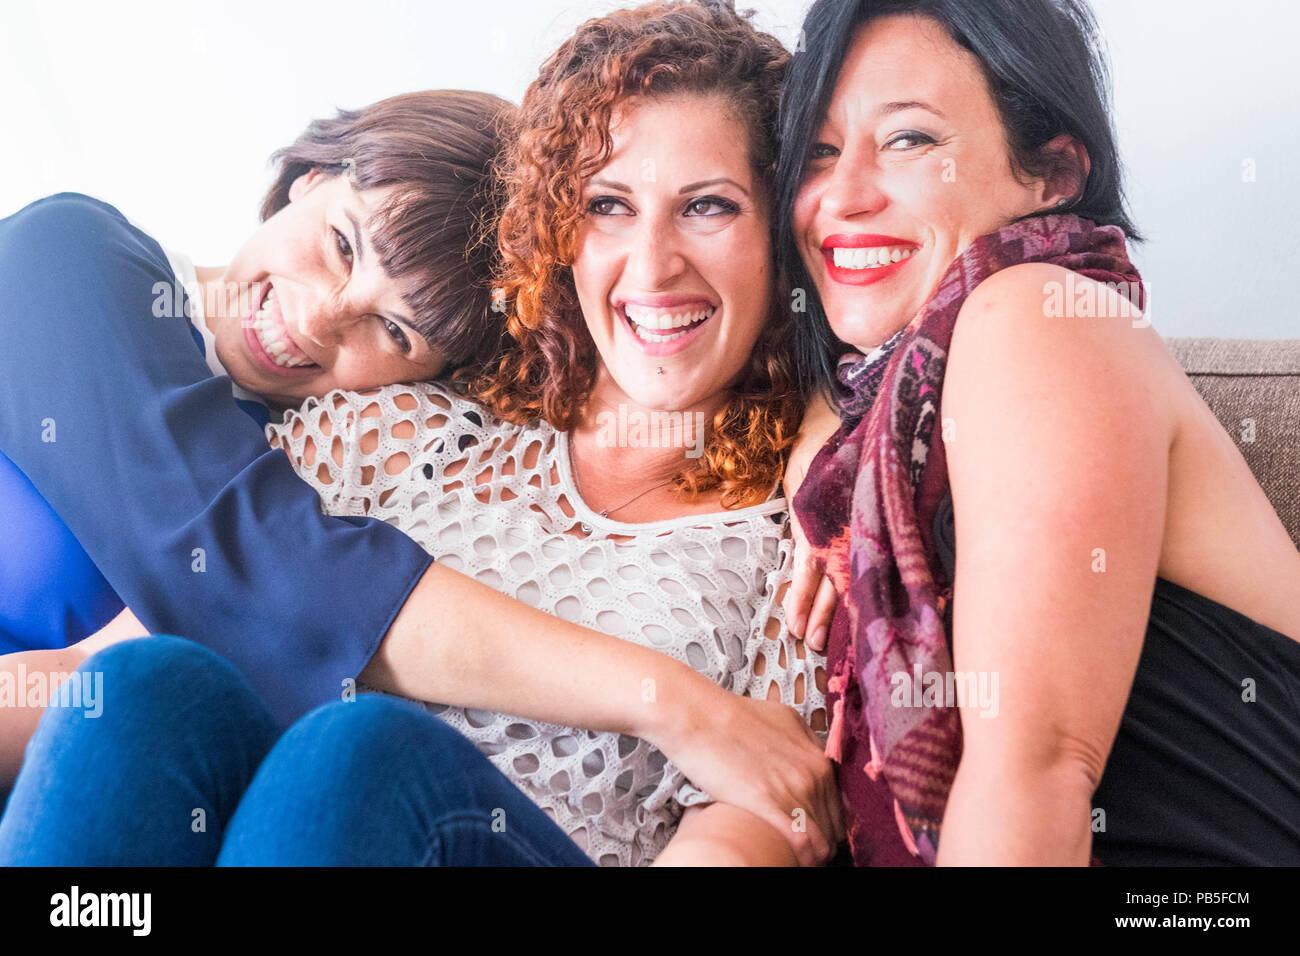 Las mujeres de mediana edad joven alegre womane amigos juntos sentados en un sofá en casa en su actividad de ocio indoor. sonreír y disfrutar del día abrazarse y Imagen De Stock